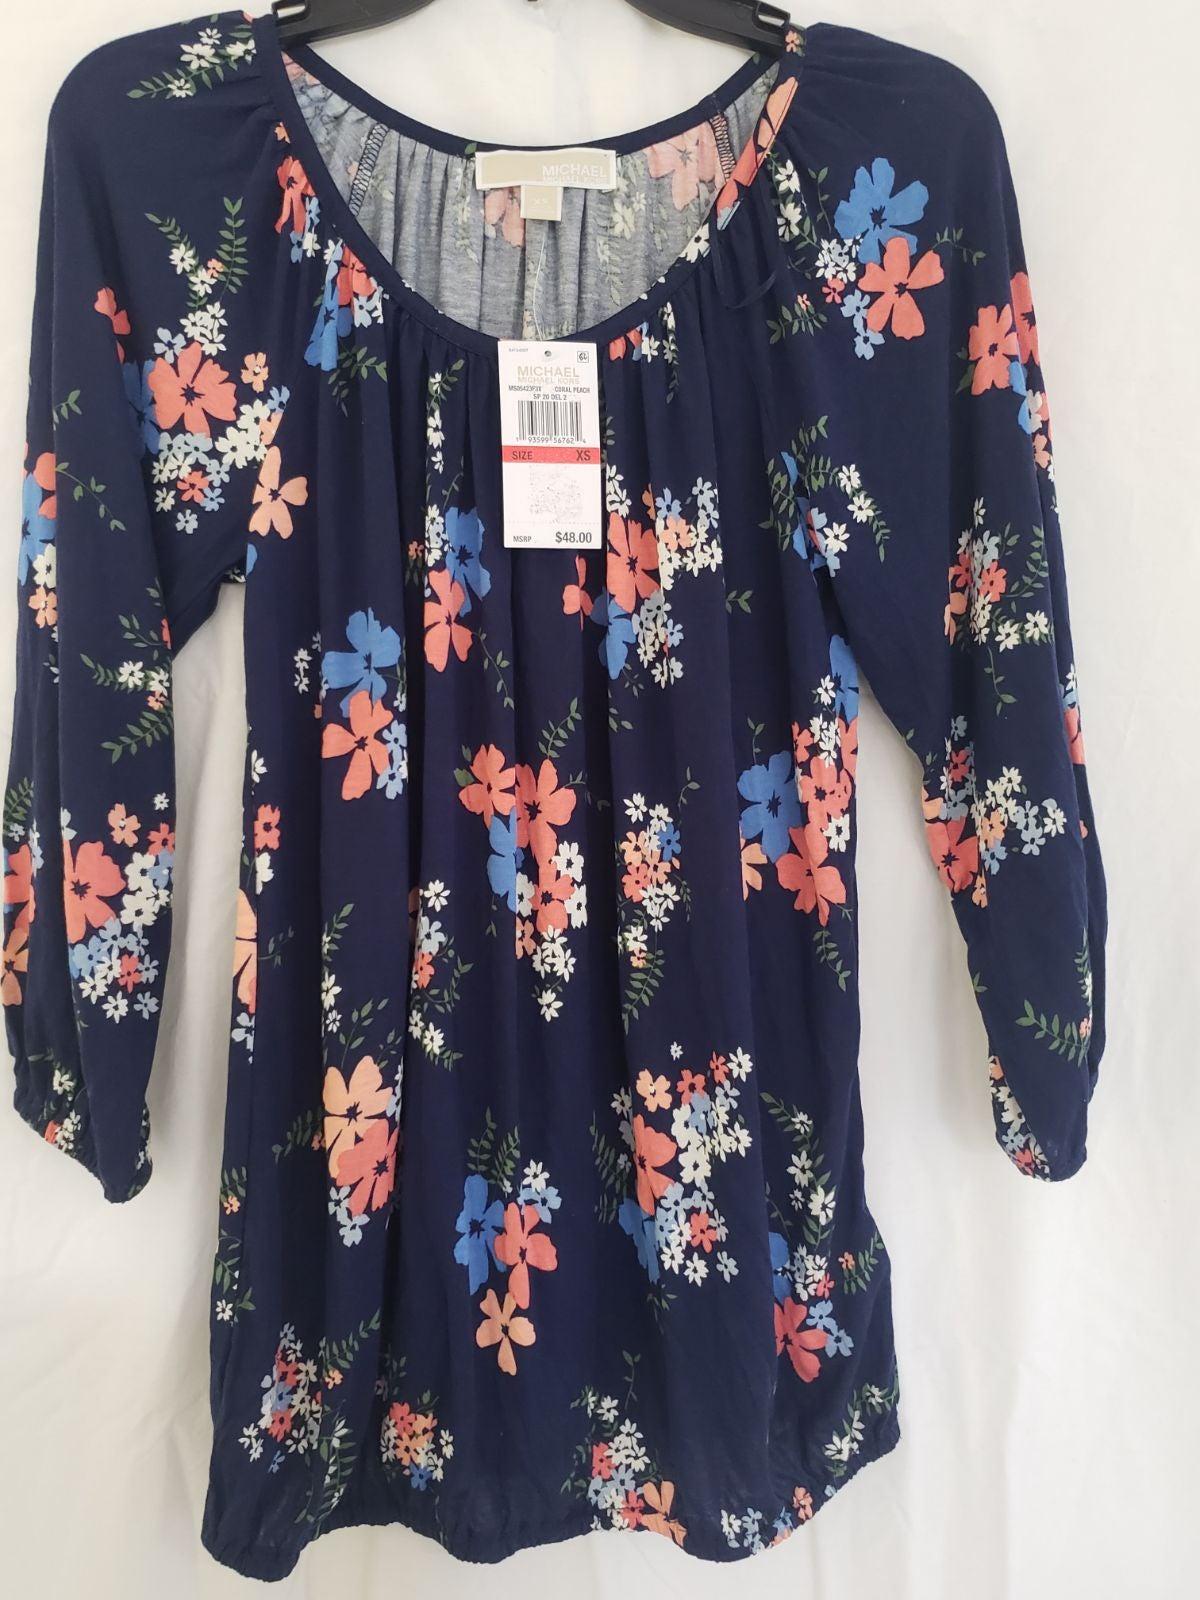 Michael kors blue floral blouse. Sz XS